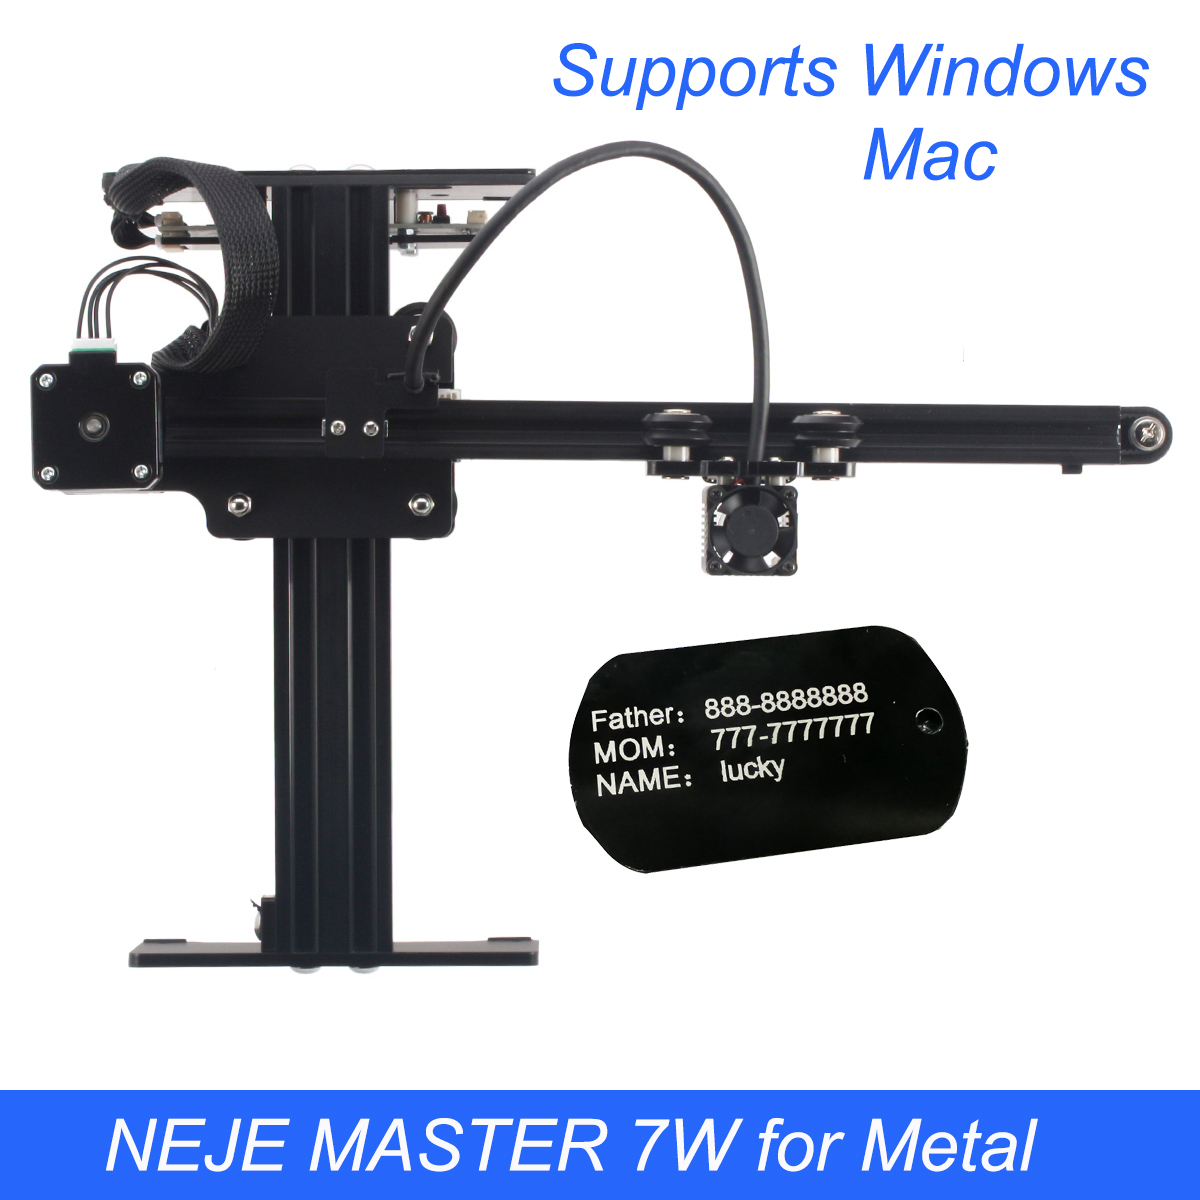 Machine de gravure Laser NEJE MASTER 3500 mW/7 W bricolage Mini CNC routeur de bois de coupe graveur de bureau pour métal/bois/plastiques